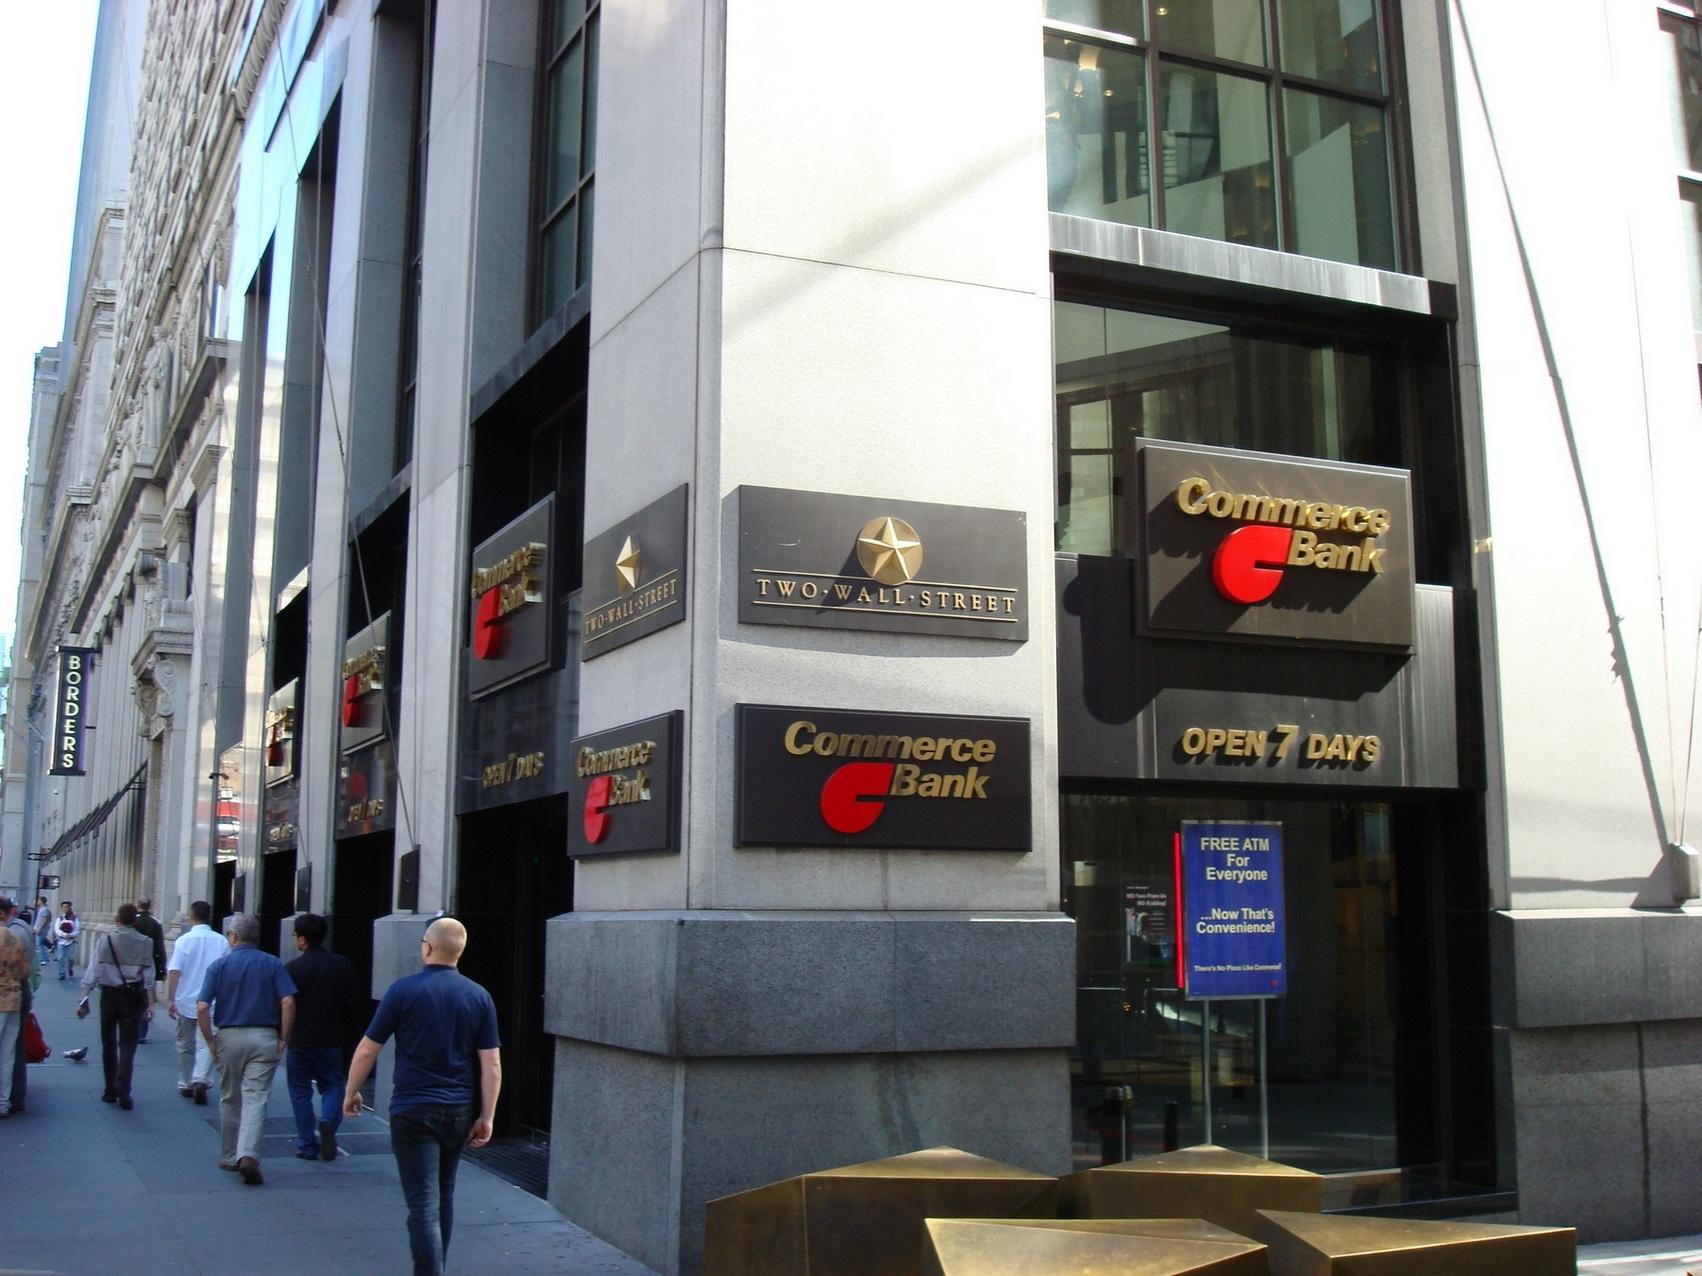 New York City_LowerManhattan_WallStreetBanks